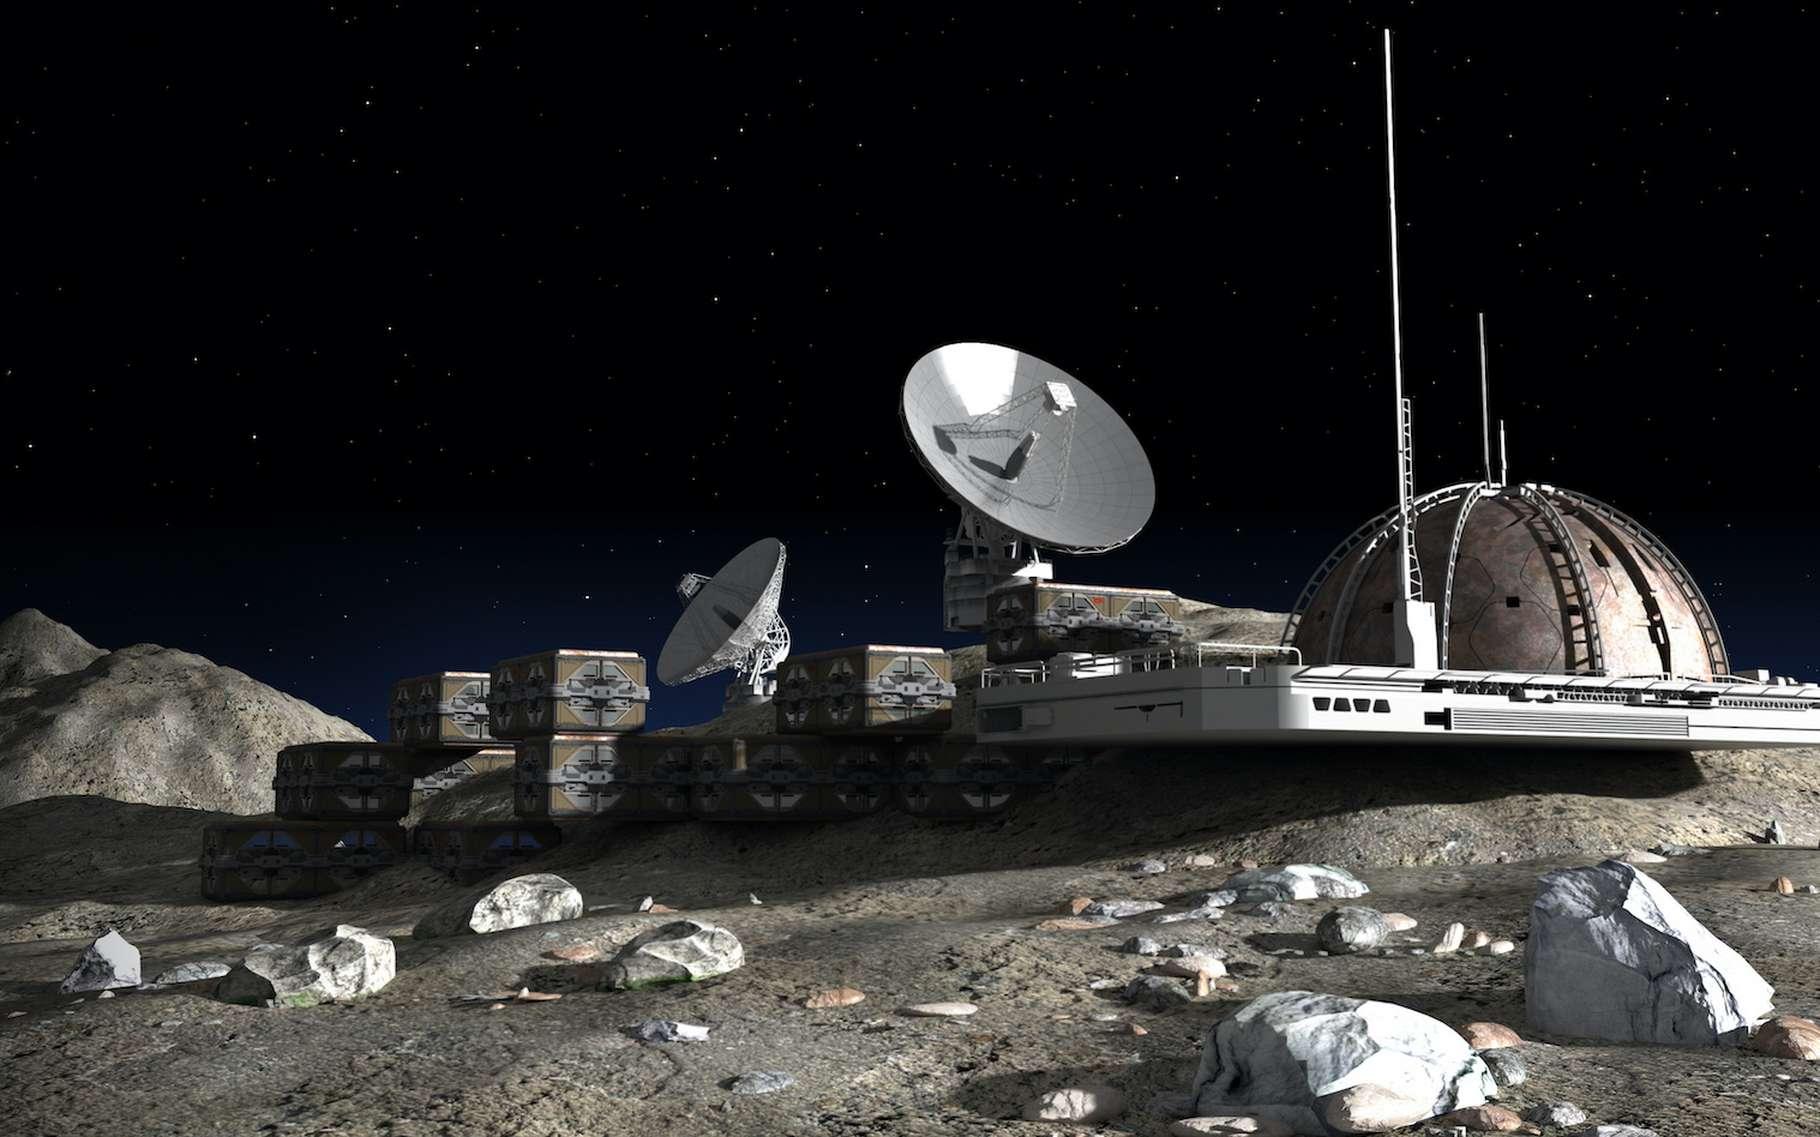 La construction des futures bases lunaires reposera-t-elle sur l'urine des astronautes ? C'est ce qu'imaginent des chercheurs. © 3000ad, Adobe Stock